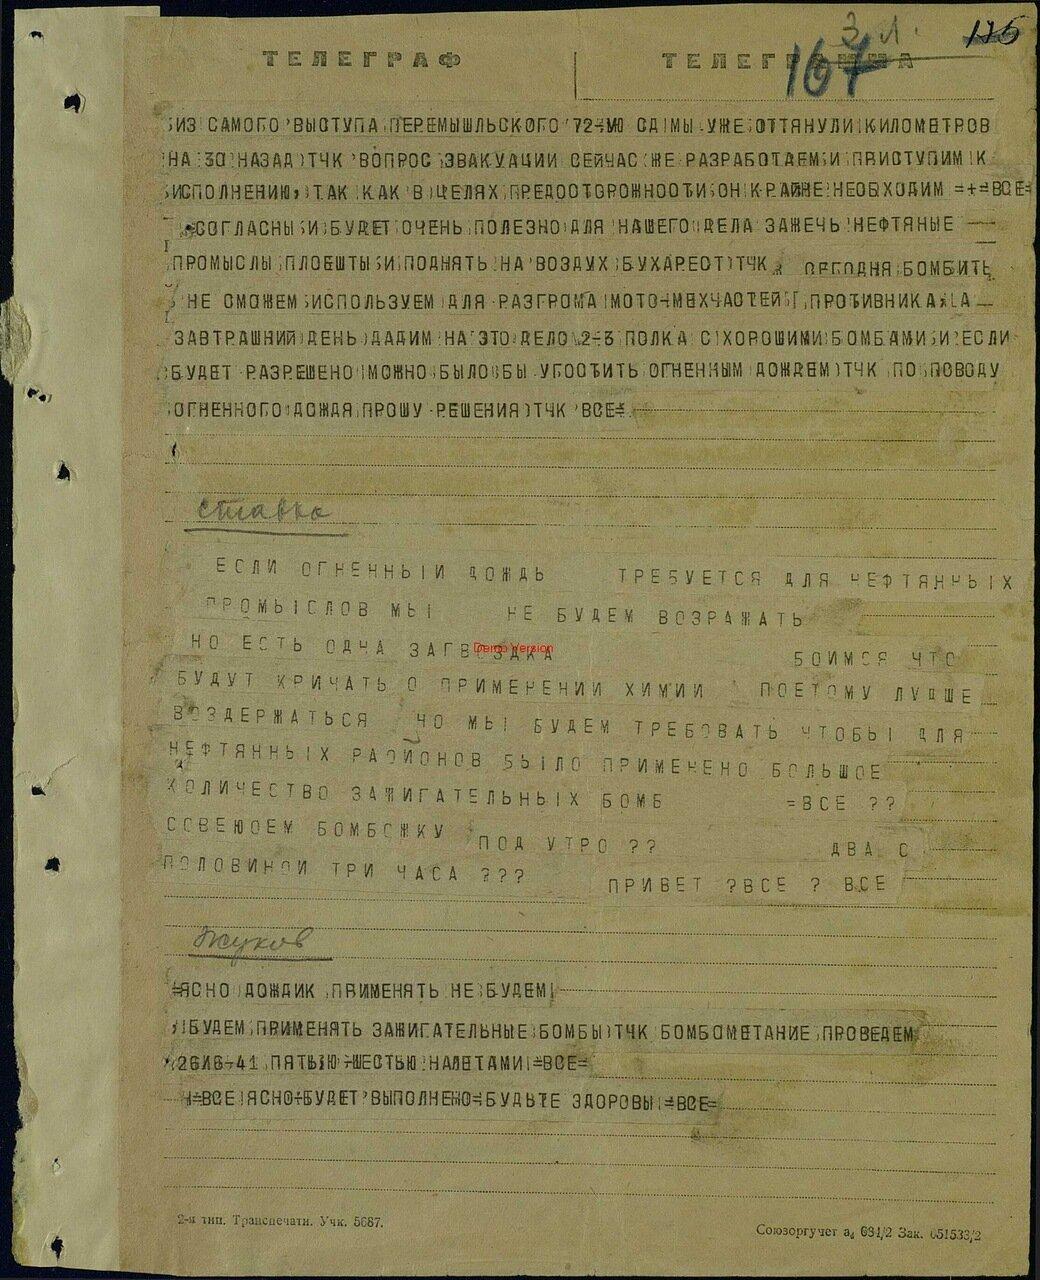 Фонд 229 Опись 161 Дело 1 стр 189 Жуков Ставка 25 26 июня 1941 огненный дождь